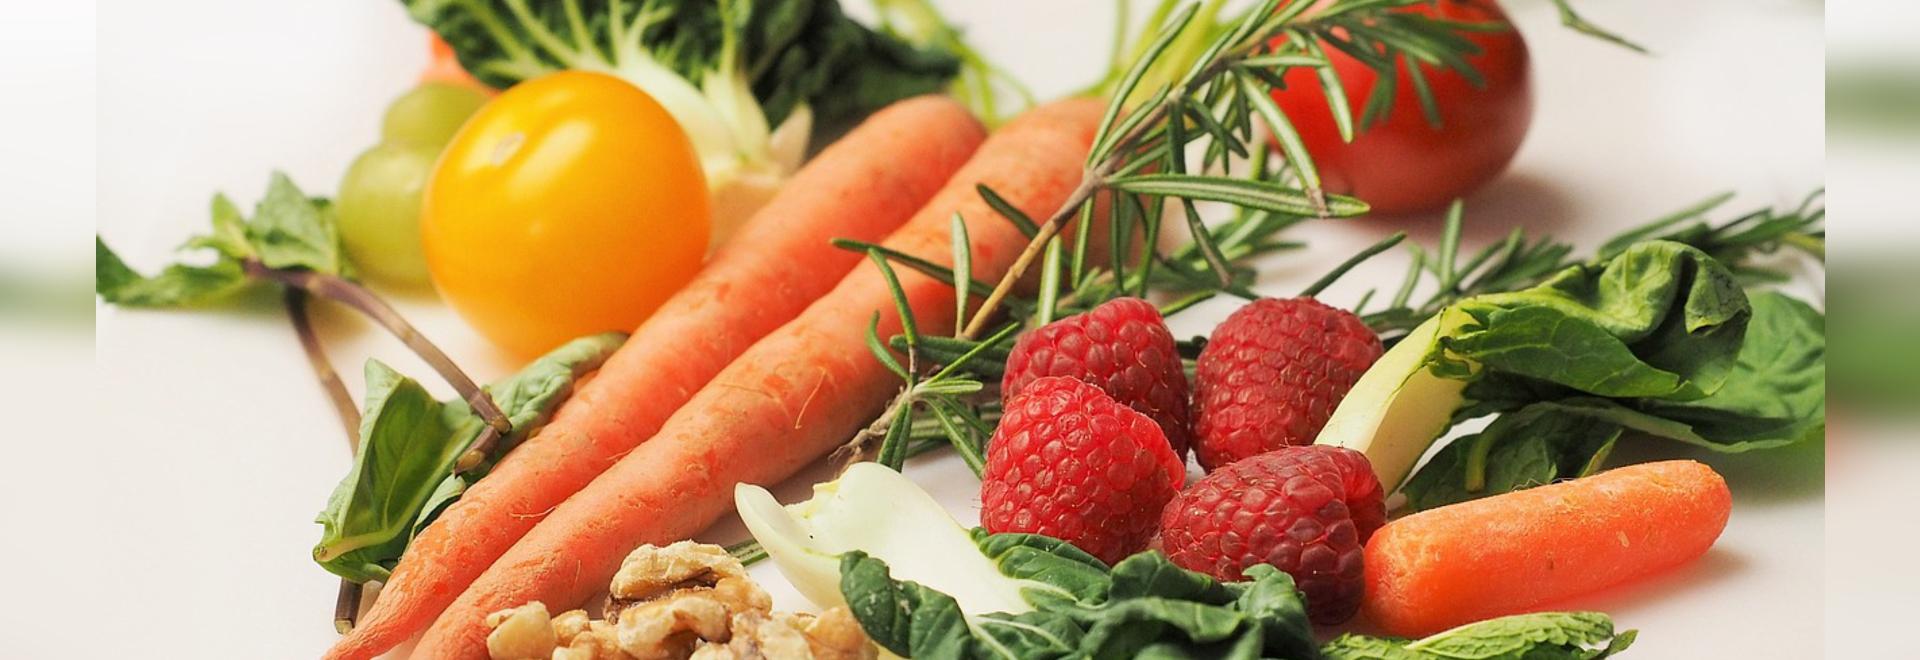 Choline : Un élément nutritif essentiel dans l'alimentation des plantes